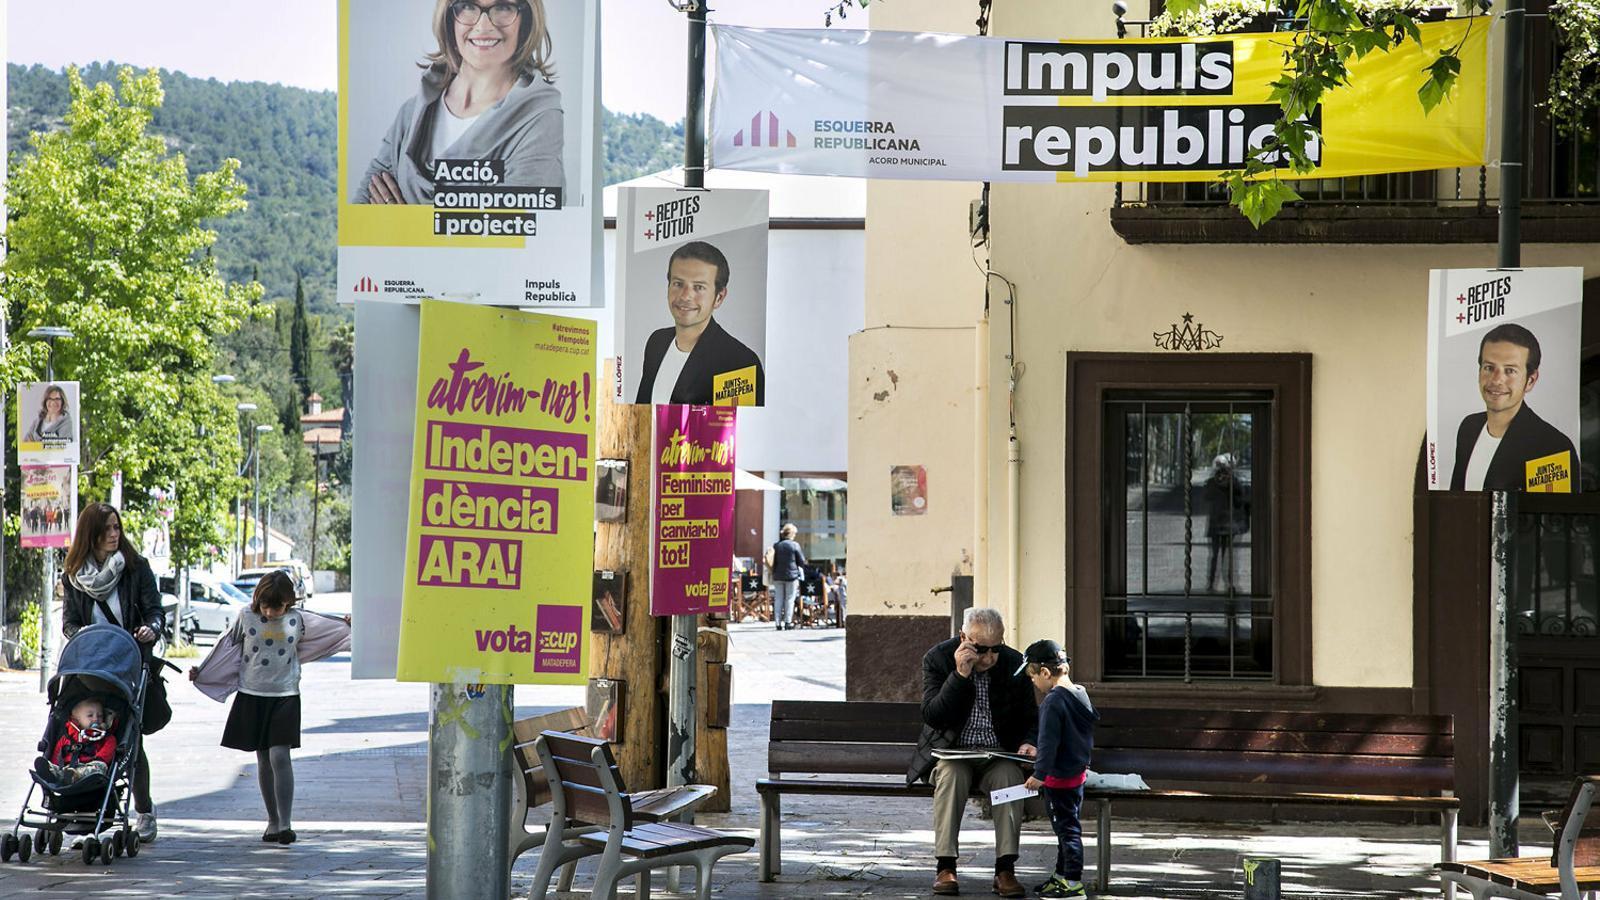 Campanya electoral d'una setmana i gairebé 140 milions d'euros de pressupost pel 10-N